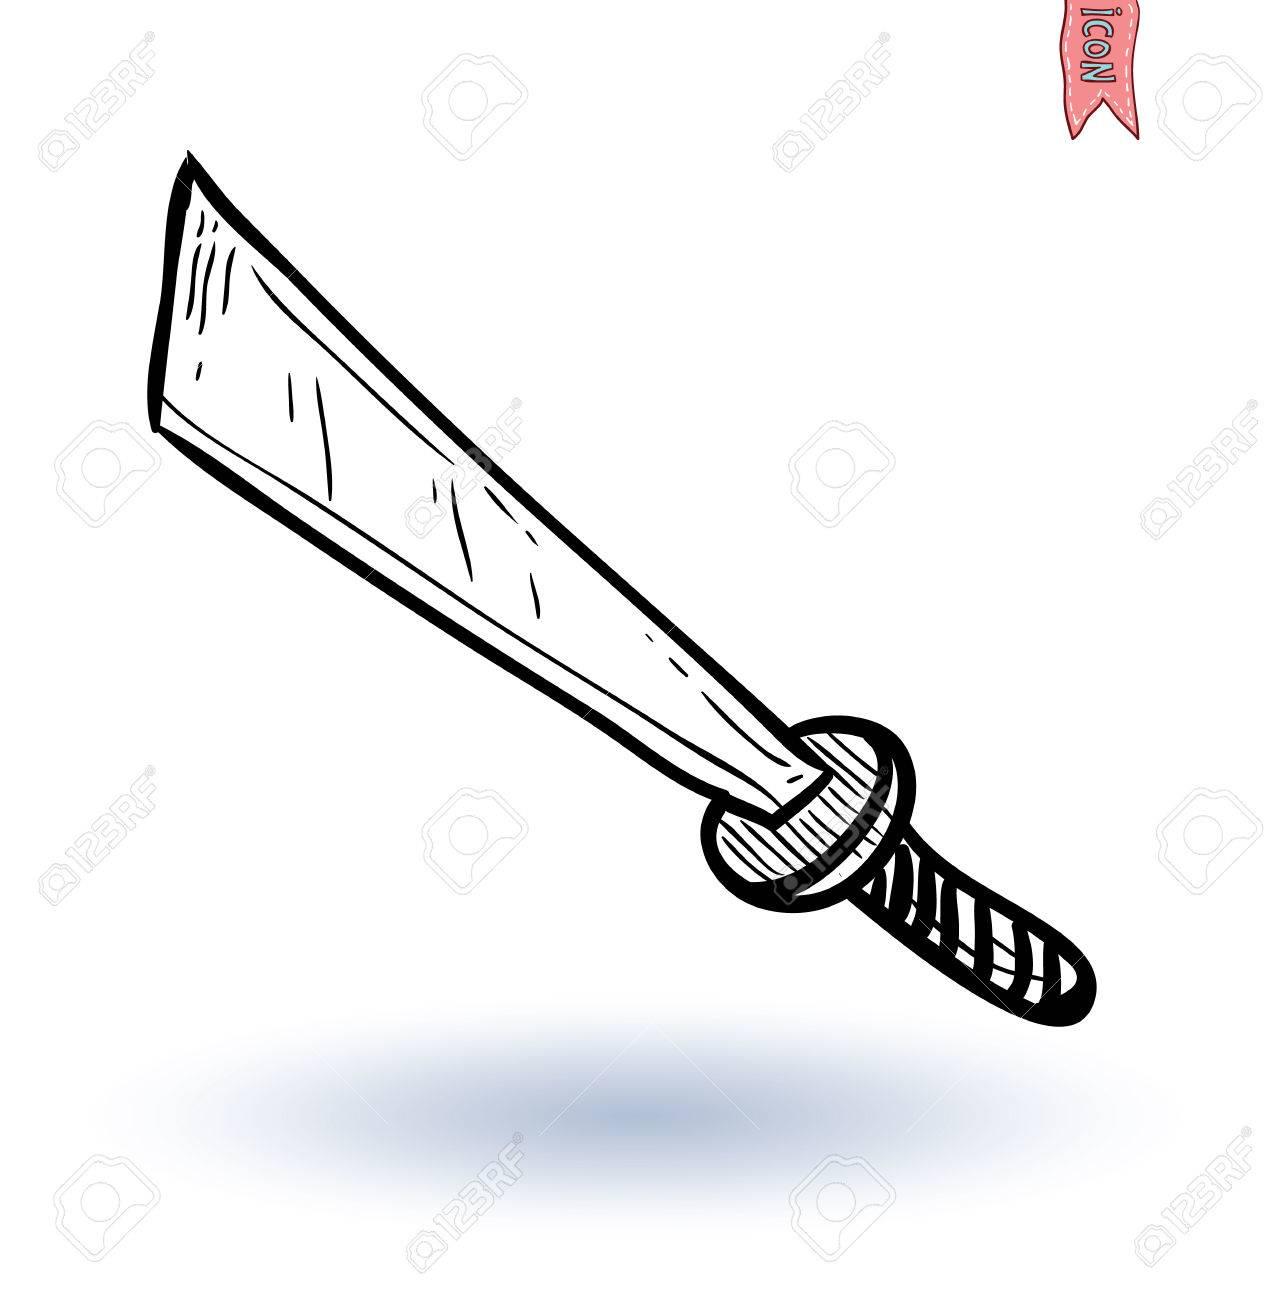 刀剣日本刀ベクトル イラストですのイラスト素材ベクタ Image